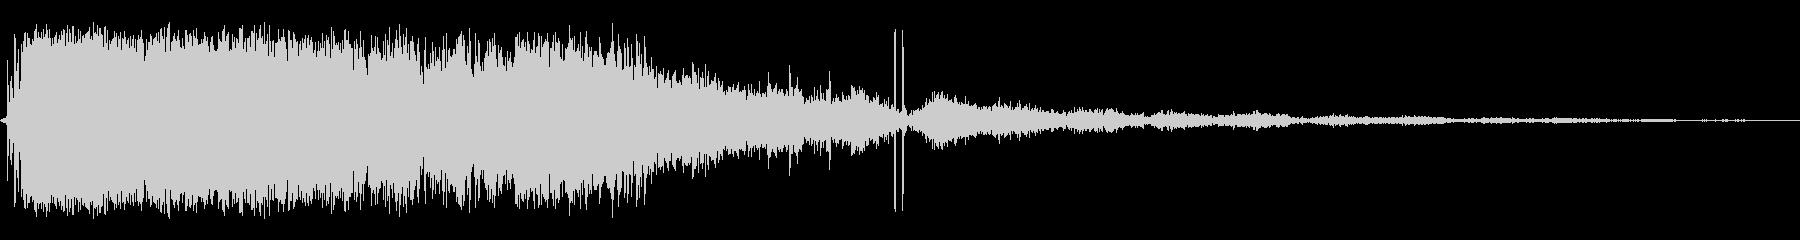 クラッシュブラストインパクトアンド...の未再生の波形